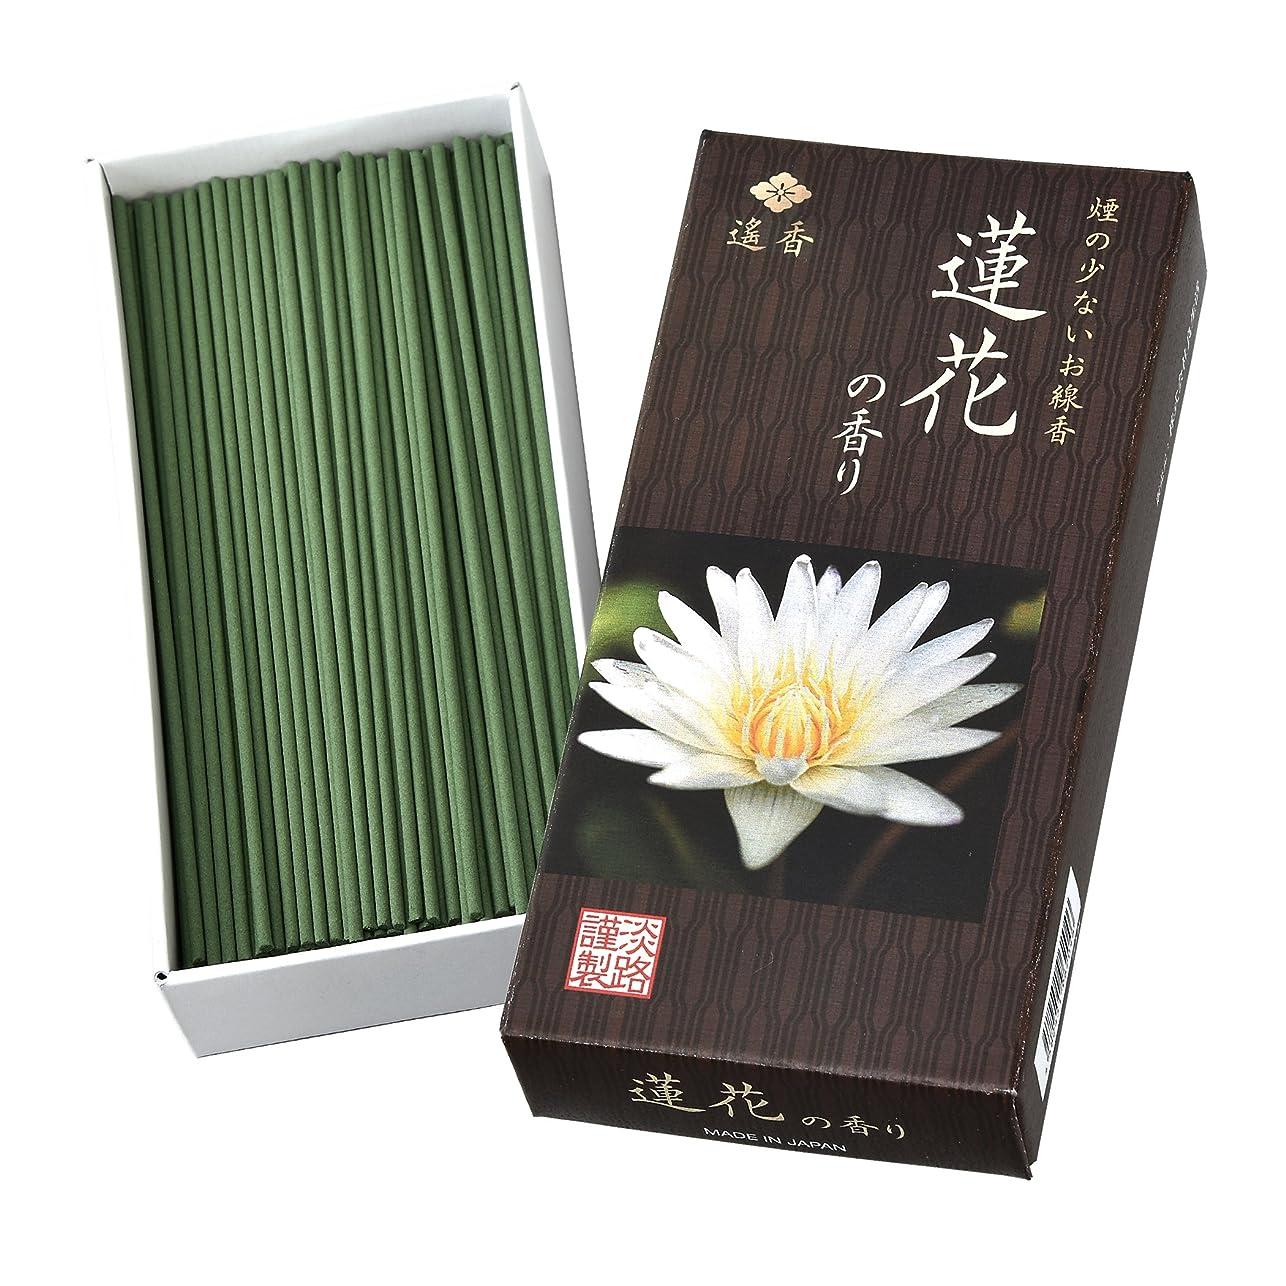 についてモッキンバード篭良生活 遙香 蓮花の香り 3個